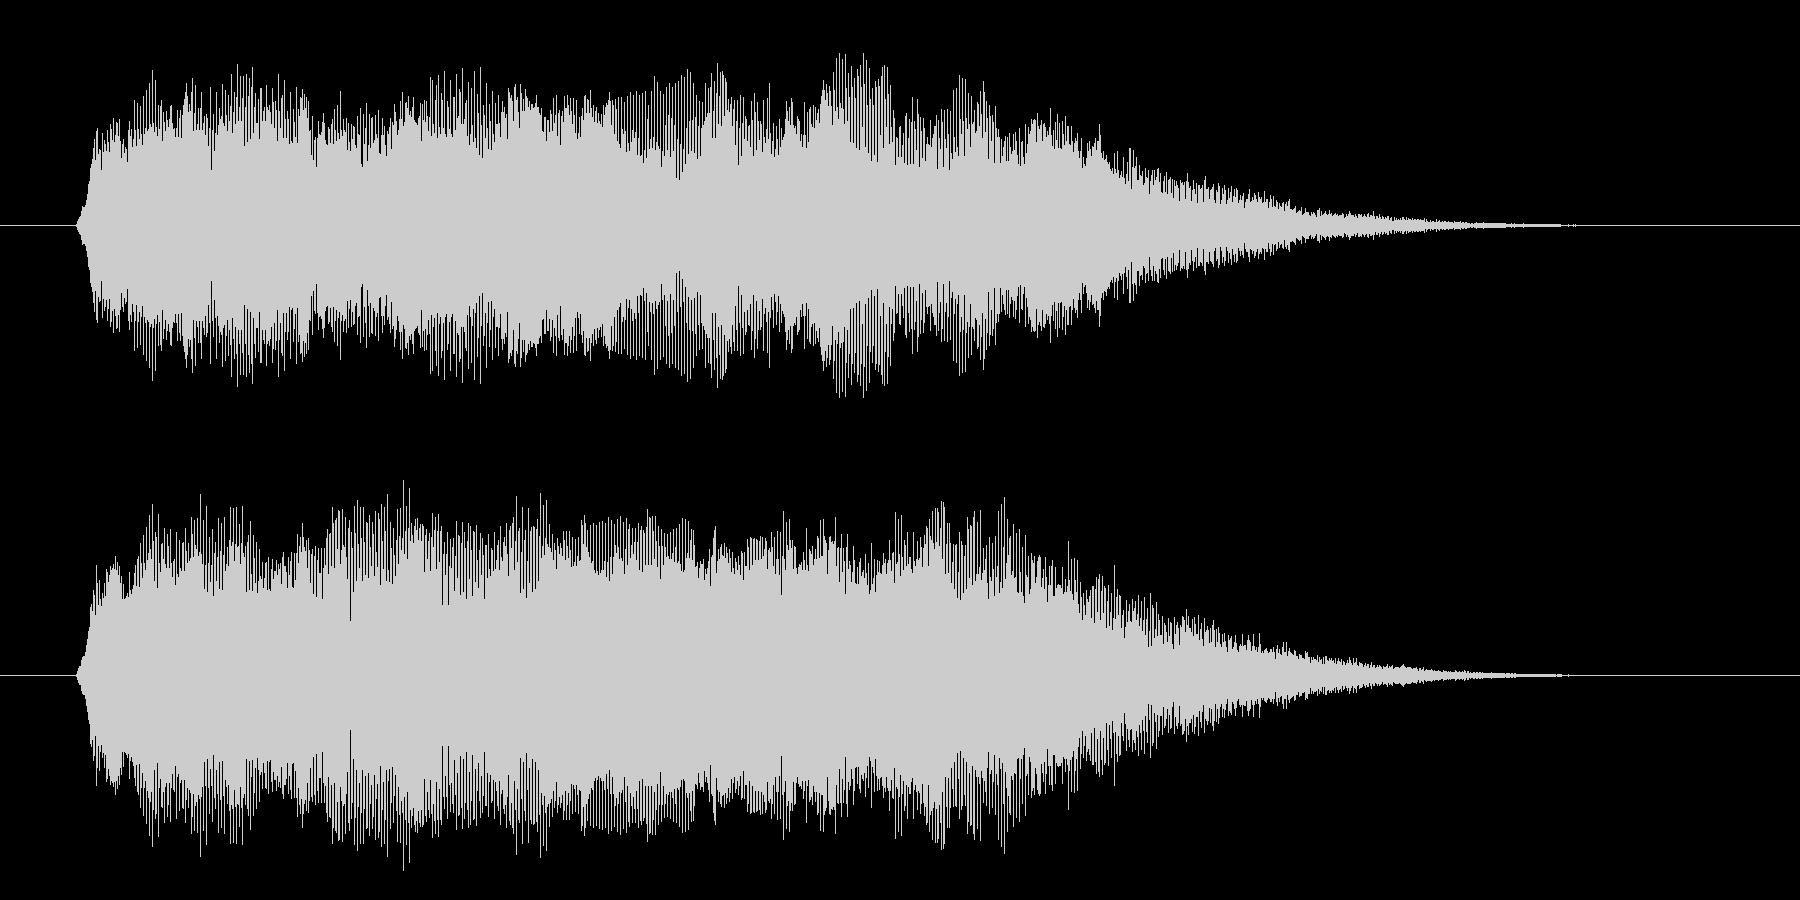 ファーン、キラキラ(宇宙、幻想的、風)の未再生の波形